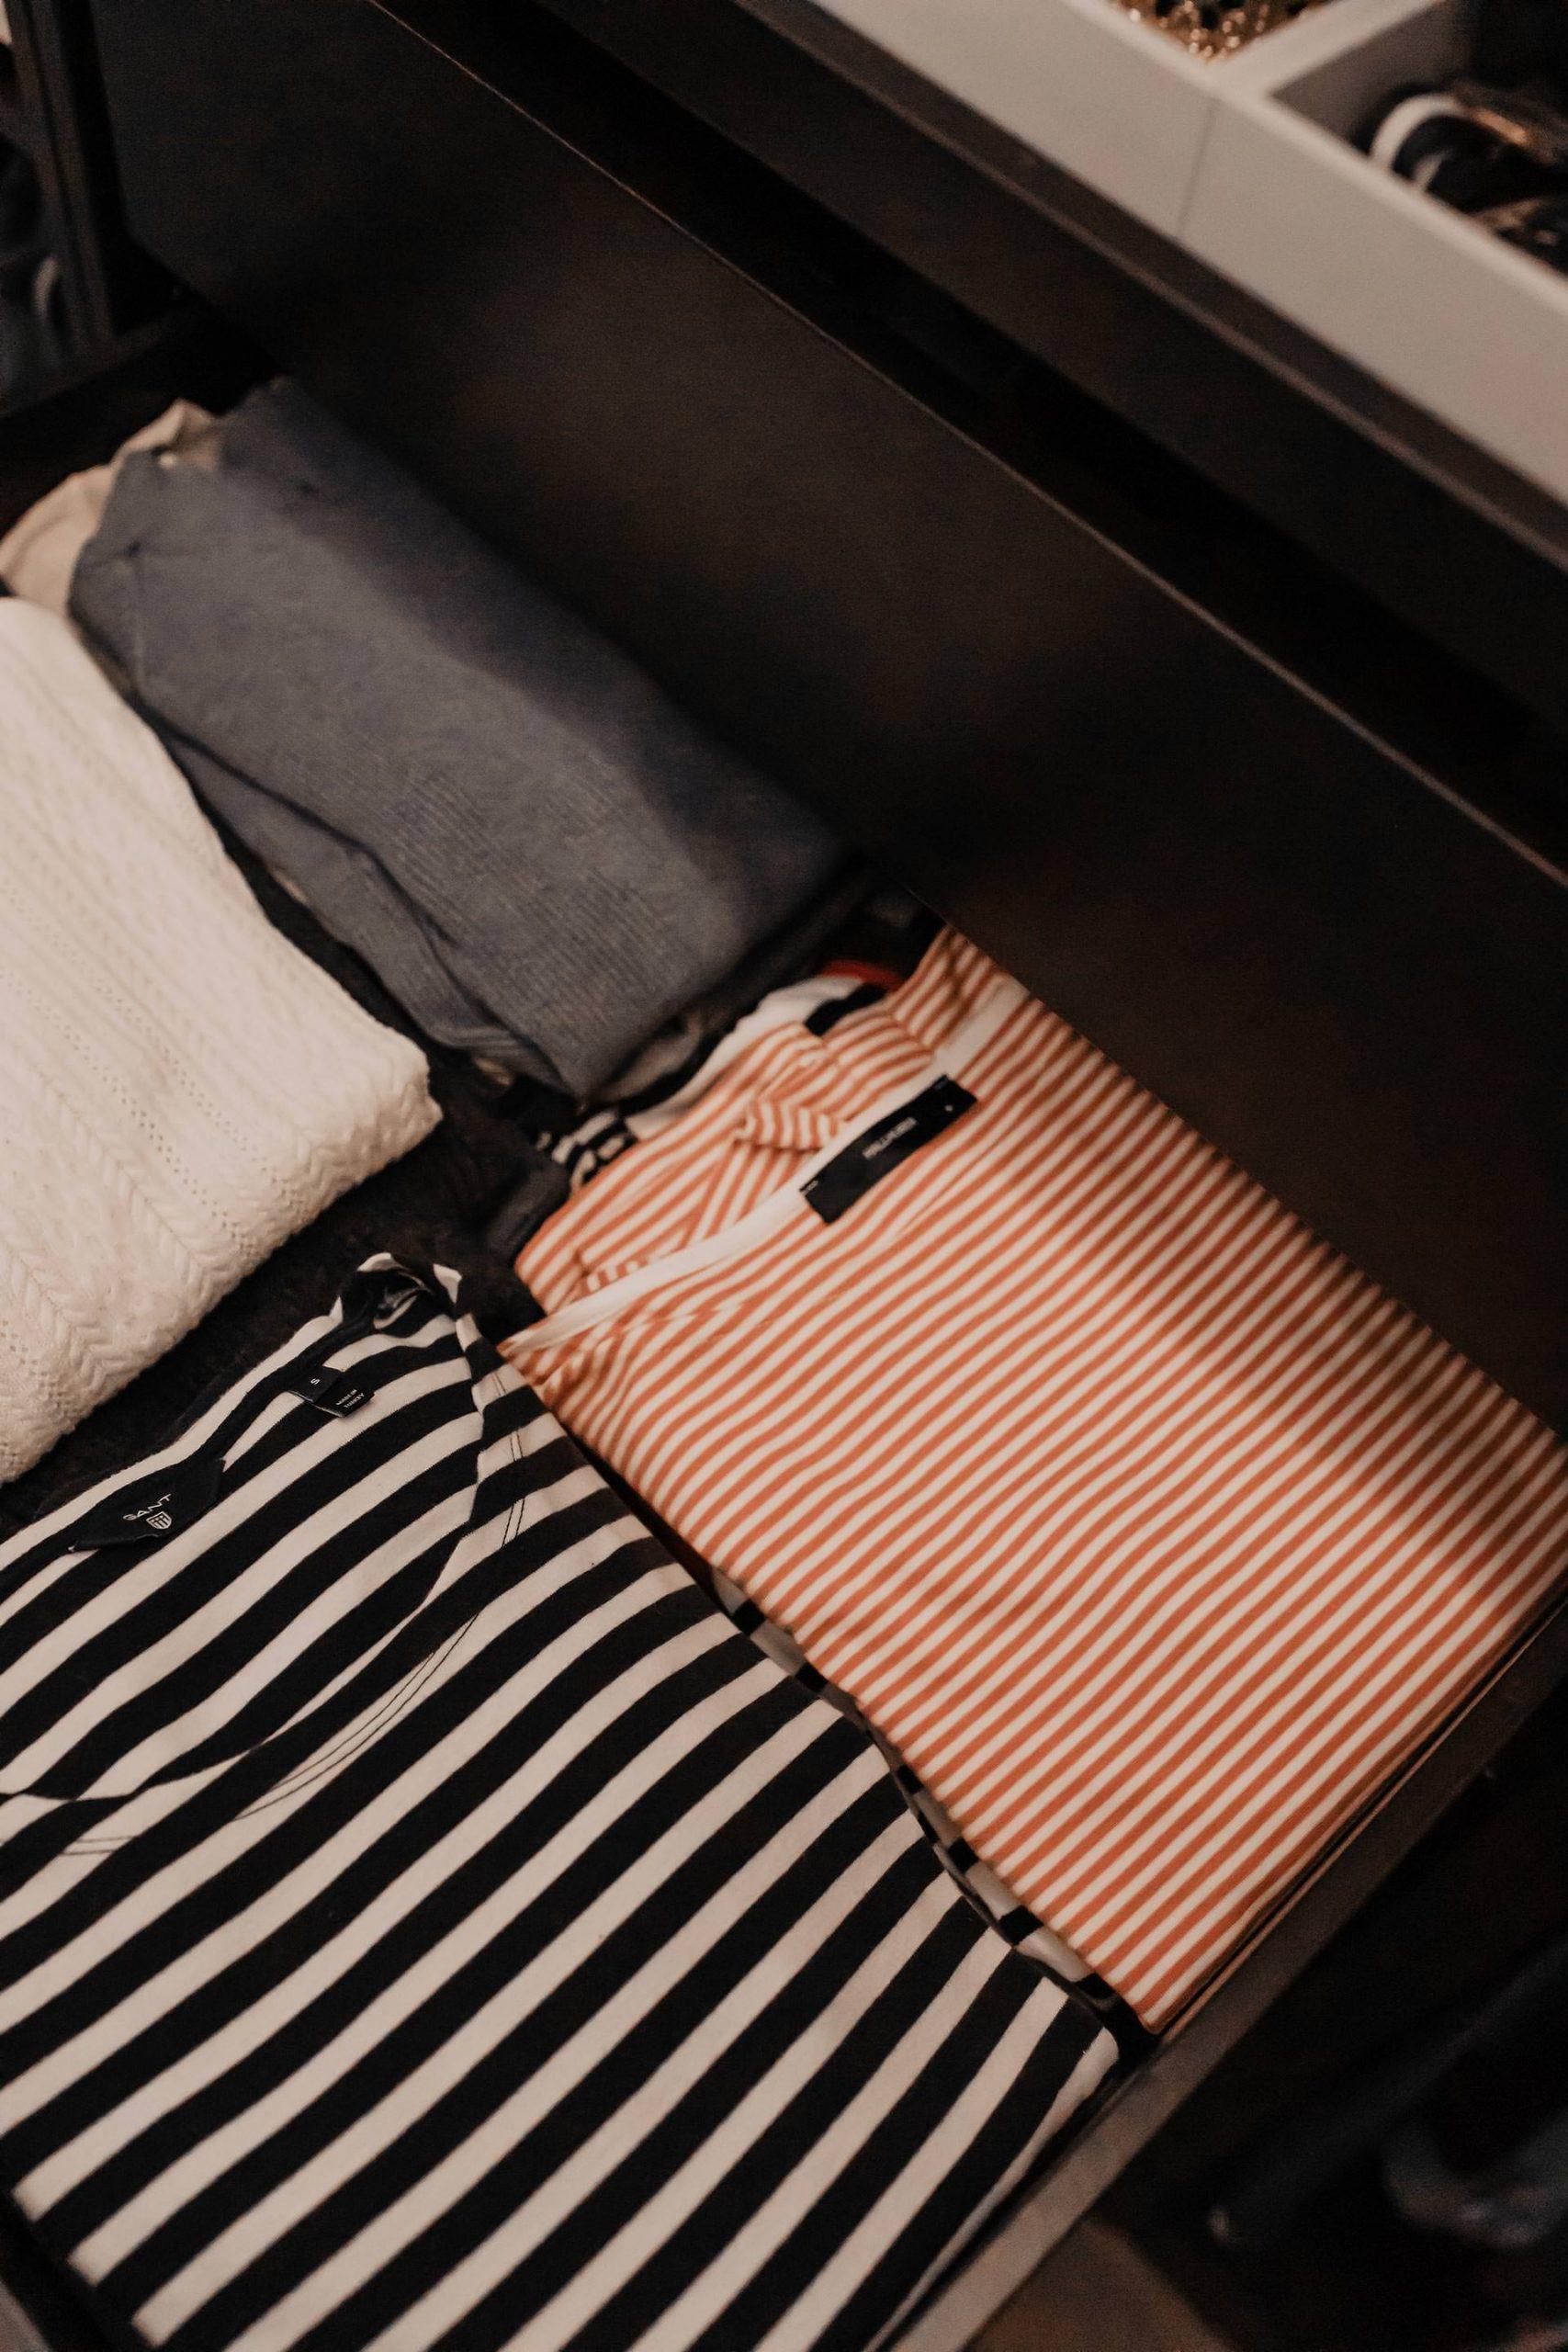 Heute lautet Motto: Nur noch Lieblingssachen im Kleiderschrank! In diesem Beitrag zeige ich dirTipps, wie du in 4einfachen Schritten deinen Kleiderschrank nachhaltig ausmisten kannst. www.whoismocca.com